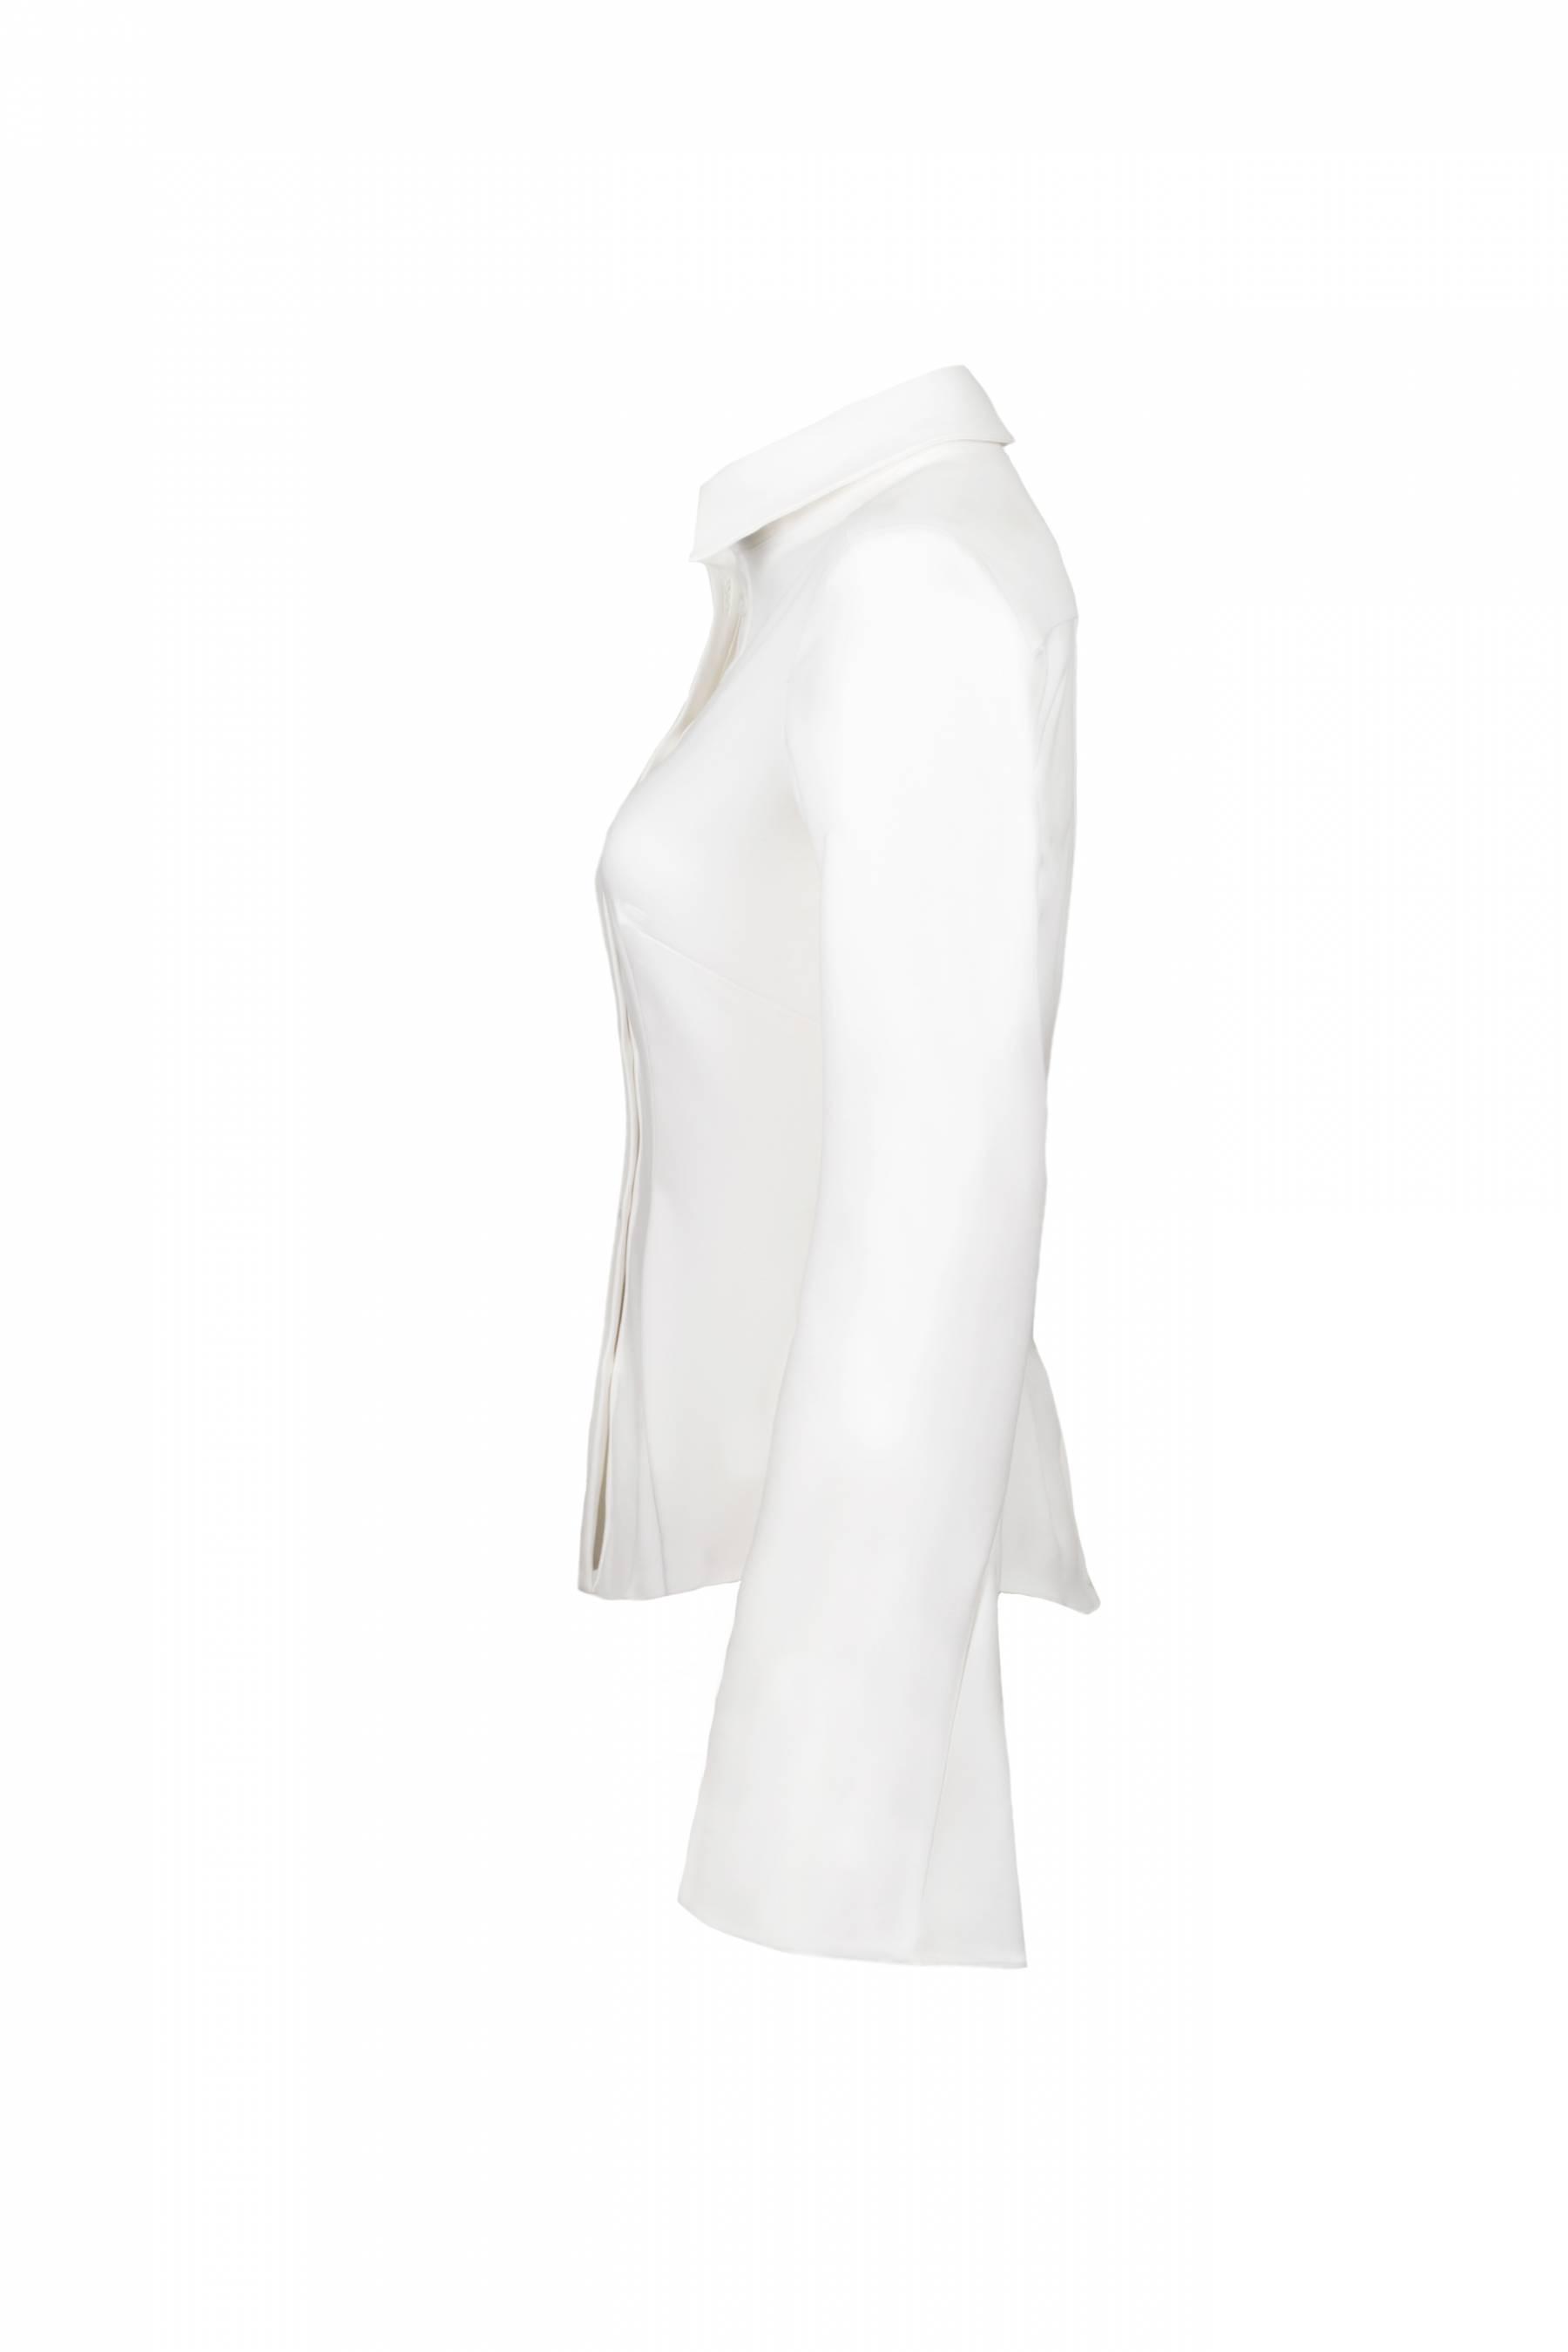 Classic White Shirt1